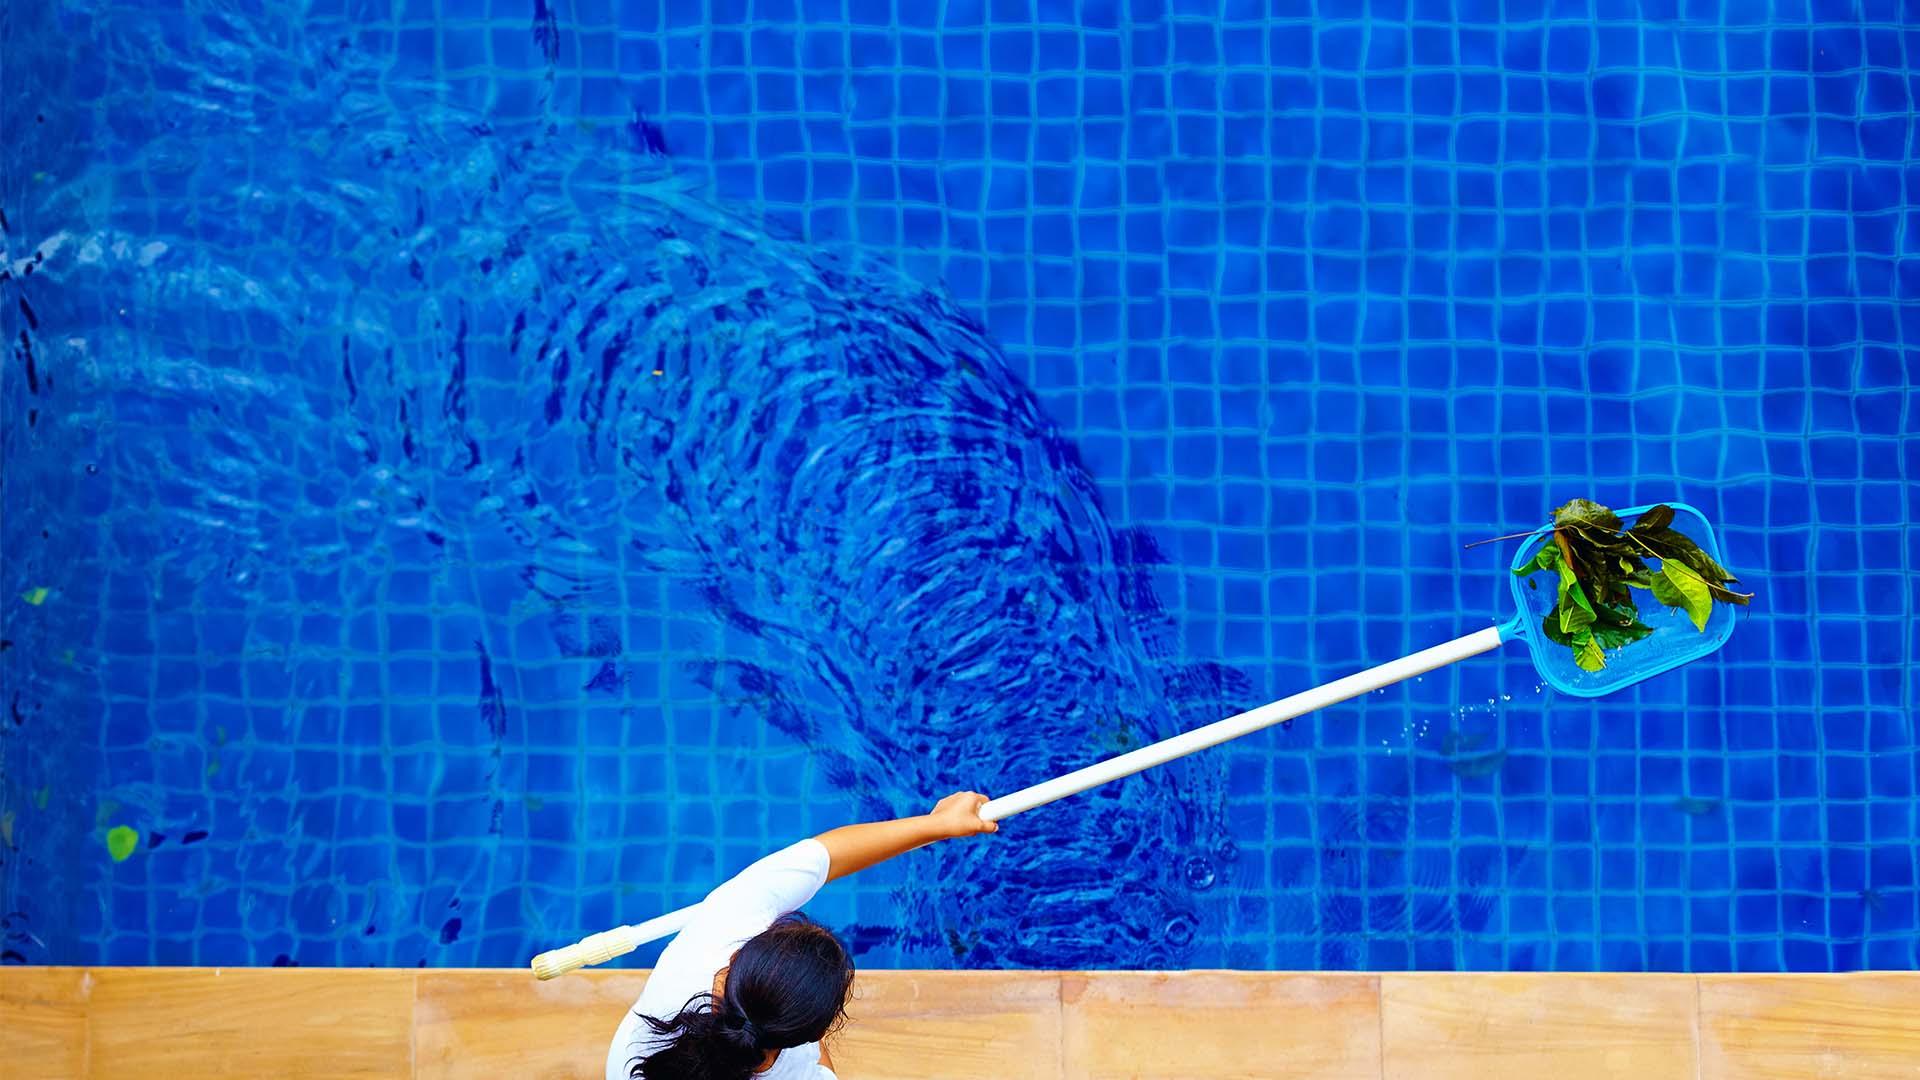 Kết quả hình ảnh cho CLEAR pool